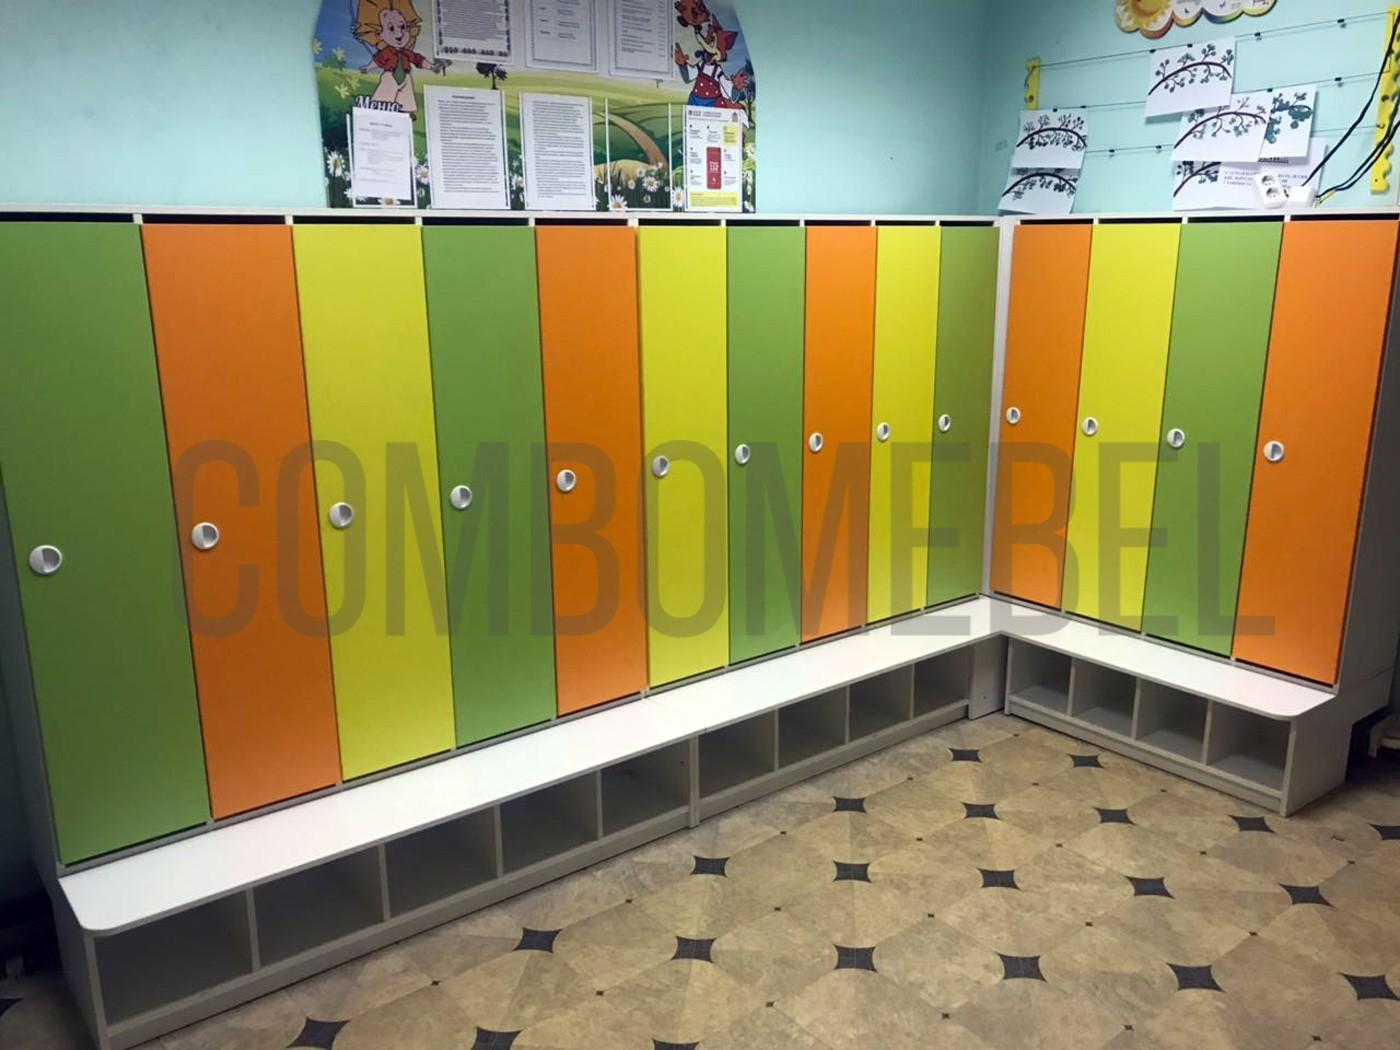 шкафы для детского сада по индивидуальным чертежам, острые углы скруглены